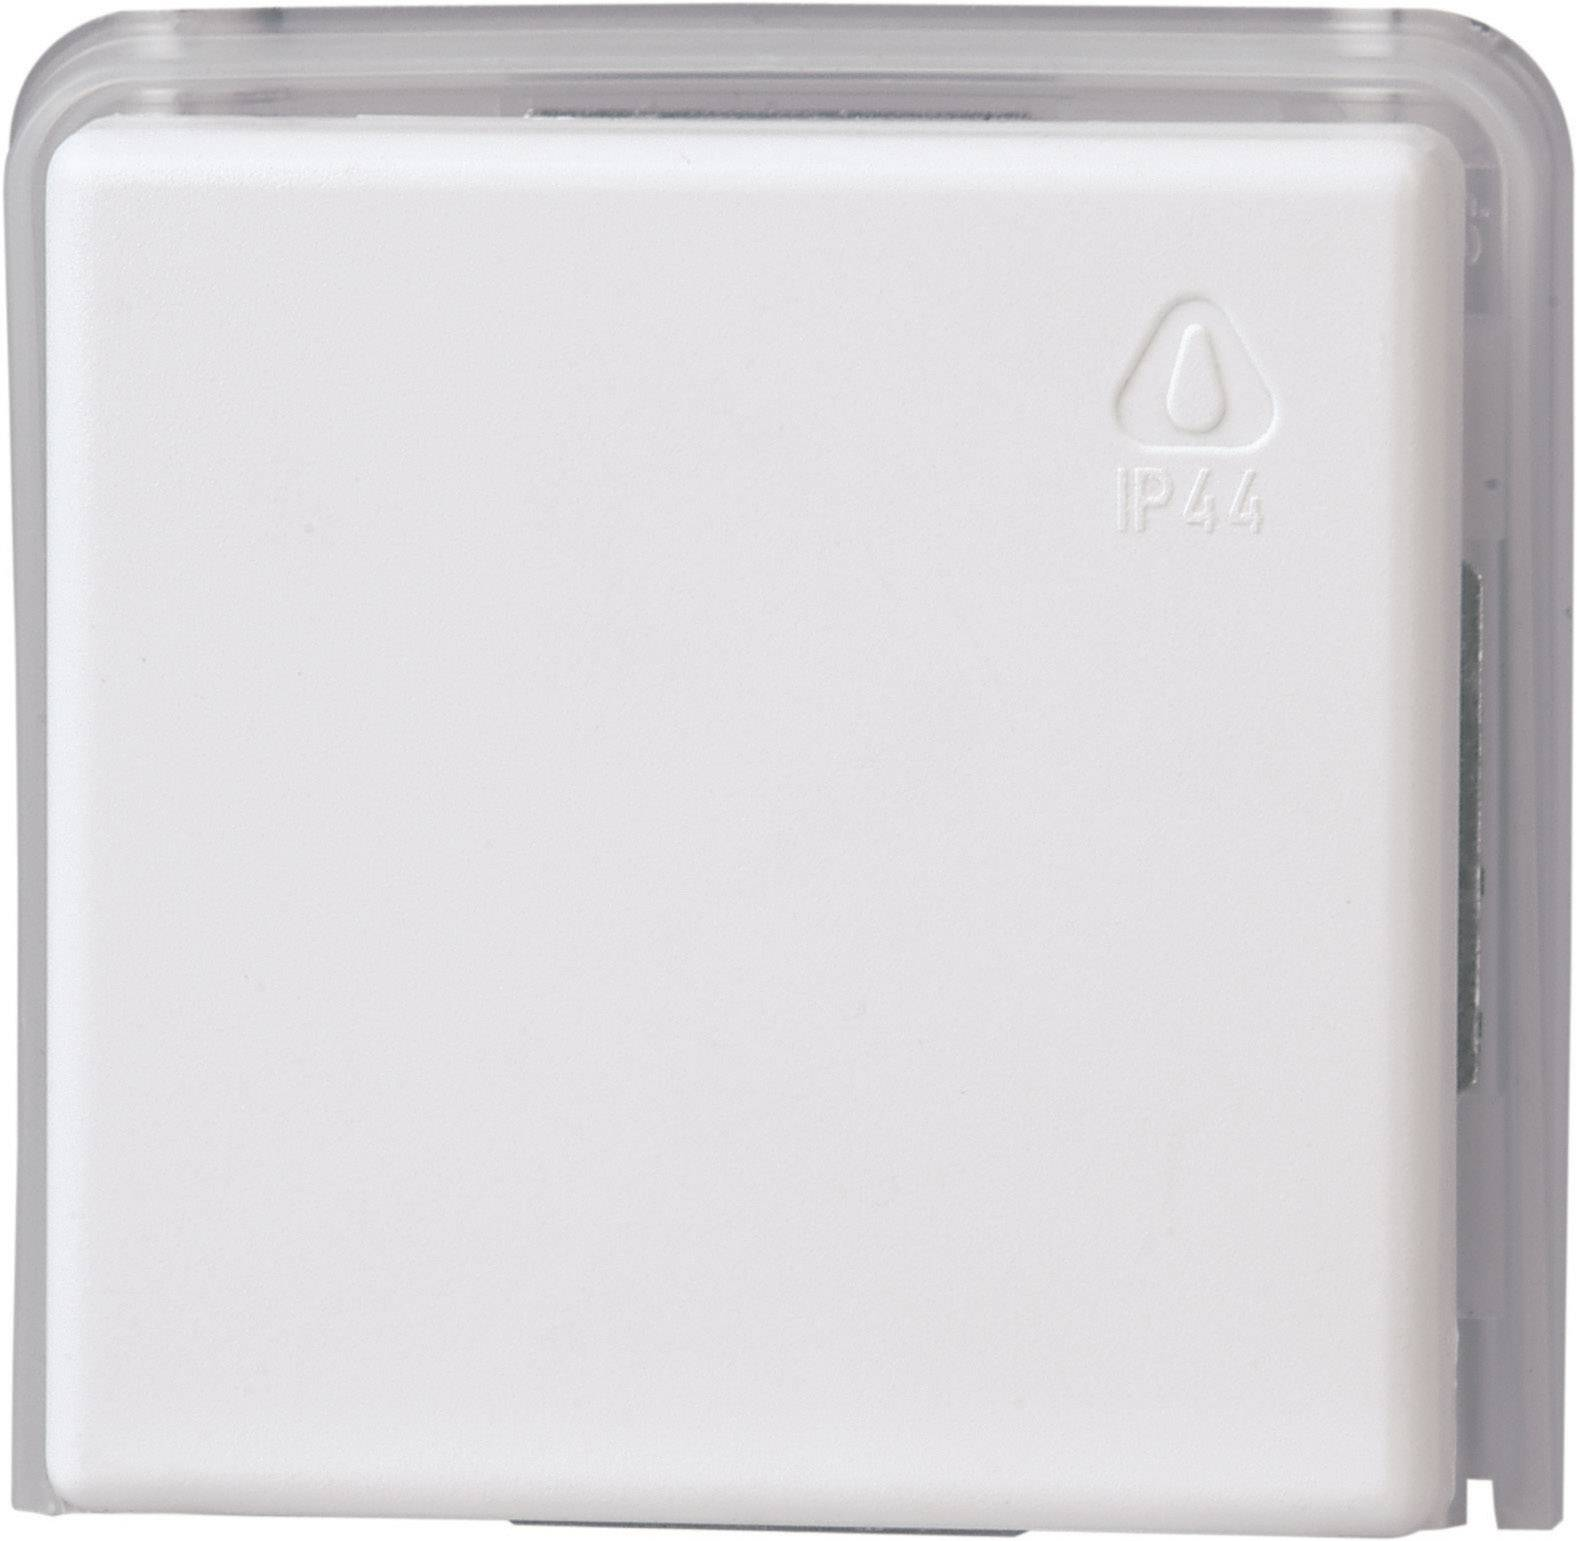 Jednoduchý rámček pre sieťovú zásuvku Arktis 623602081, biela